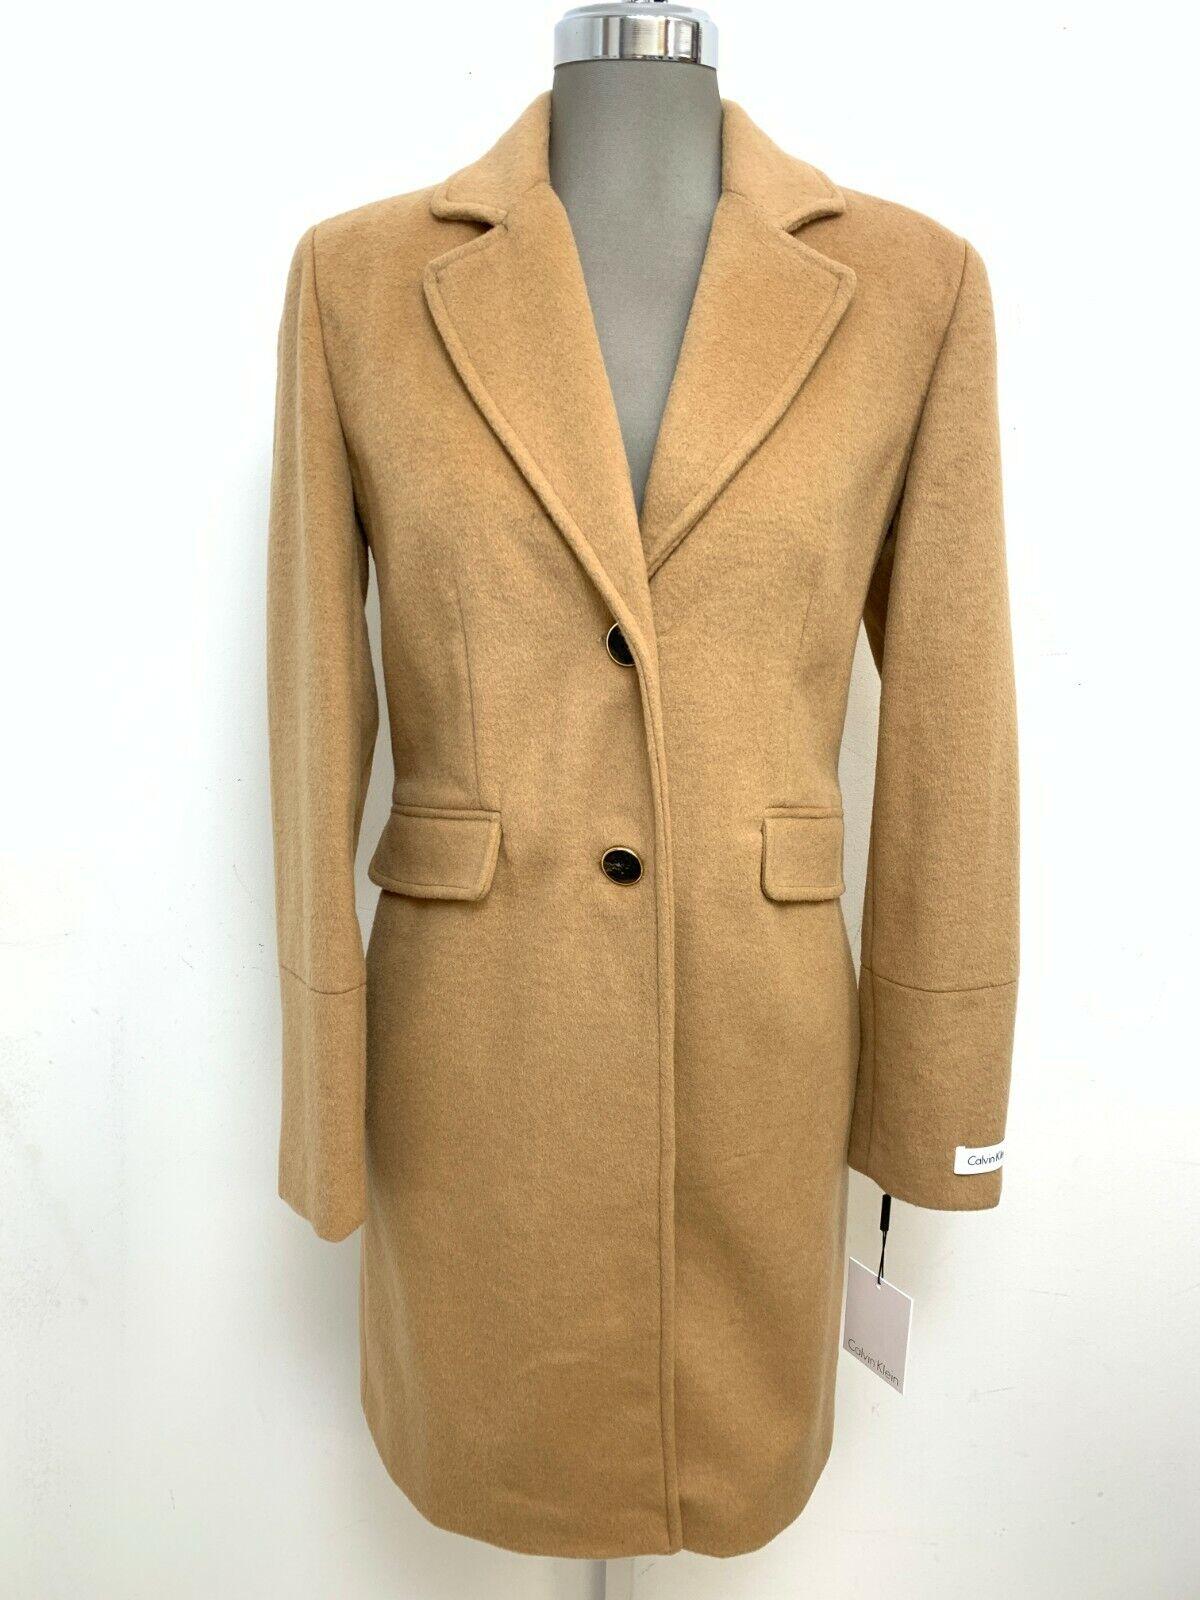 Calvin Klein NWT Modern Women's CAMEL Wool Blend Single Brea